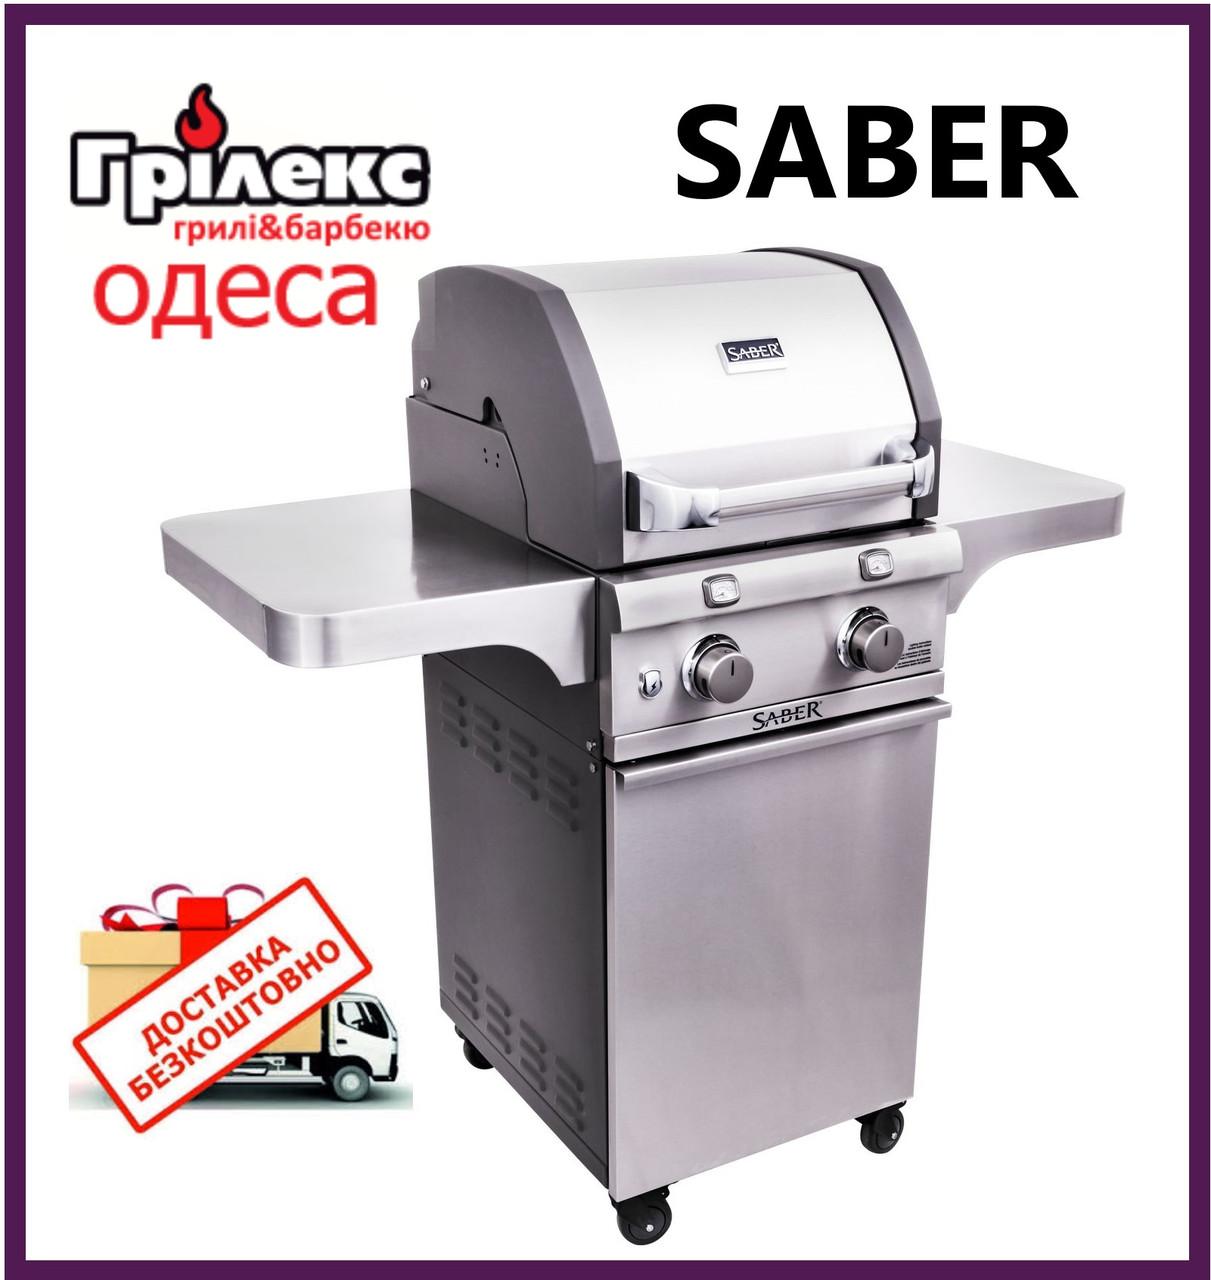 Газовый гриль Saber CAST 330